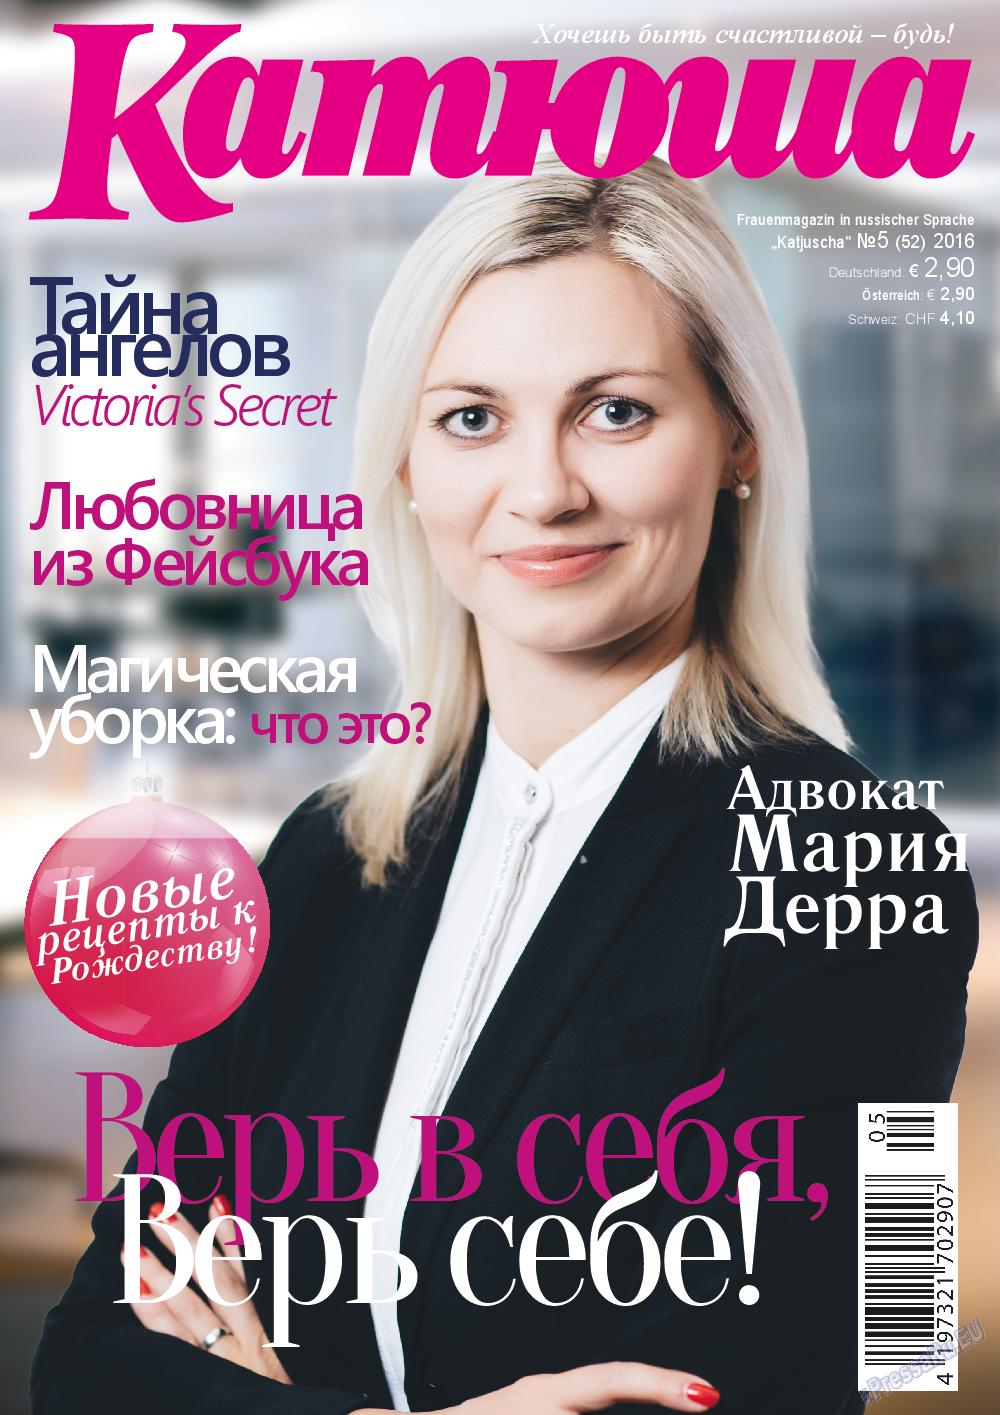 Катюша (журнал). 2016 год, номер 52, стр. 1